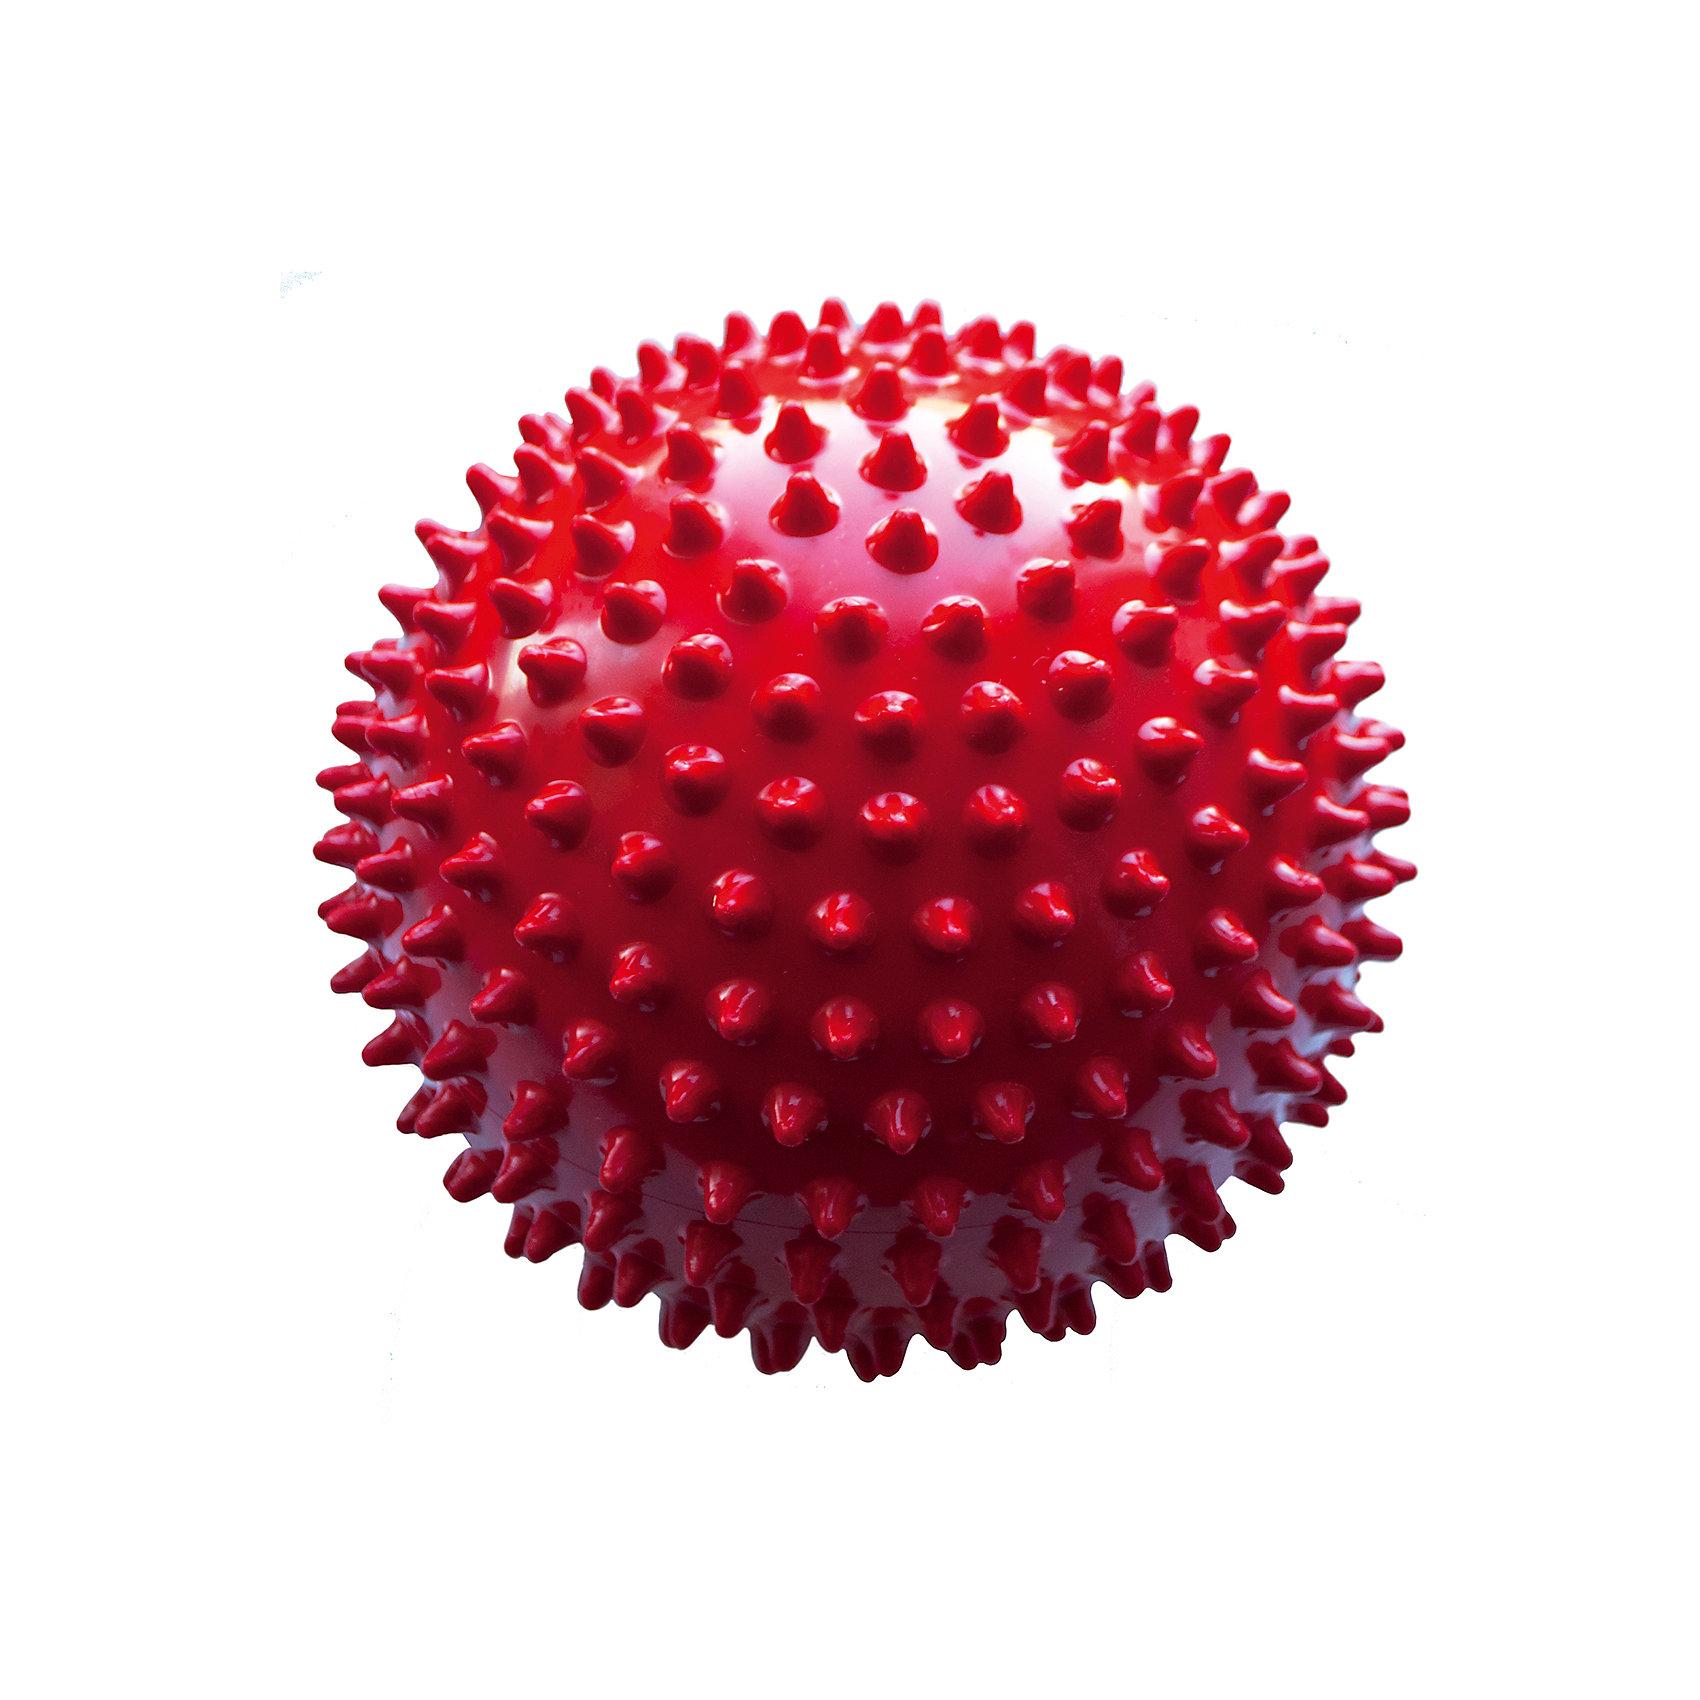 Мяч ёжик красный, 18 см, МалышОКМячи детские<br>Характеристики товара:<br><br>• диаметр мяча: 18 см;<br>• материал: ПВХ;<br>• цвет: красный;<br>• возраст: от 0 месяцев;<br>• размер упаковки: 22,5х18х21 см;<br>• вес: 80 грамм;<br>• страна бренда: Россия.<br><br>Мяч ёжик подходит для игр, массажа и использования в воде. Мягкие шипы мяча массируют кожу малыша, улучшая кровоток, что способствует уменьшению венозного застоя, развитию мускулатуры, центральной и периферической нервной системы.<br><br>Игра с мячом поможет развить моторику рук, тактильные ощущения, координацию, а также цветовое восприятие.<br><br>Мяч изготовлен из гипоаллергенного материала.<br><br>Мяч ёжик красный, 18 см, МалышОК можно купить в нашем интернет-магазине.<br><br>Ширина мм: 210<br>Глубина мм: 180<br>Высота мм: 225<br>Вес г: 80<br>Возраст от месяцев: 6<br>Возраст до месяцев: 2147483647<br>Пол: Унисекс<br>Возраст: Детский<br>SKU: 6894026